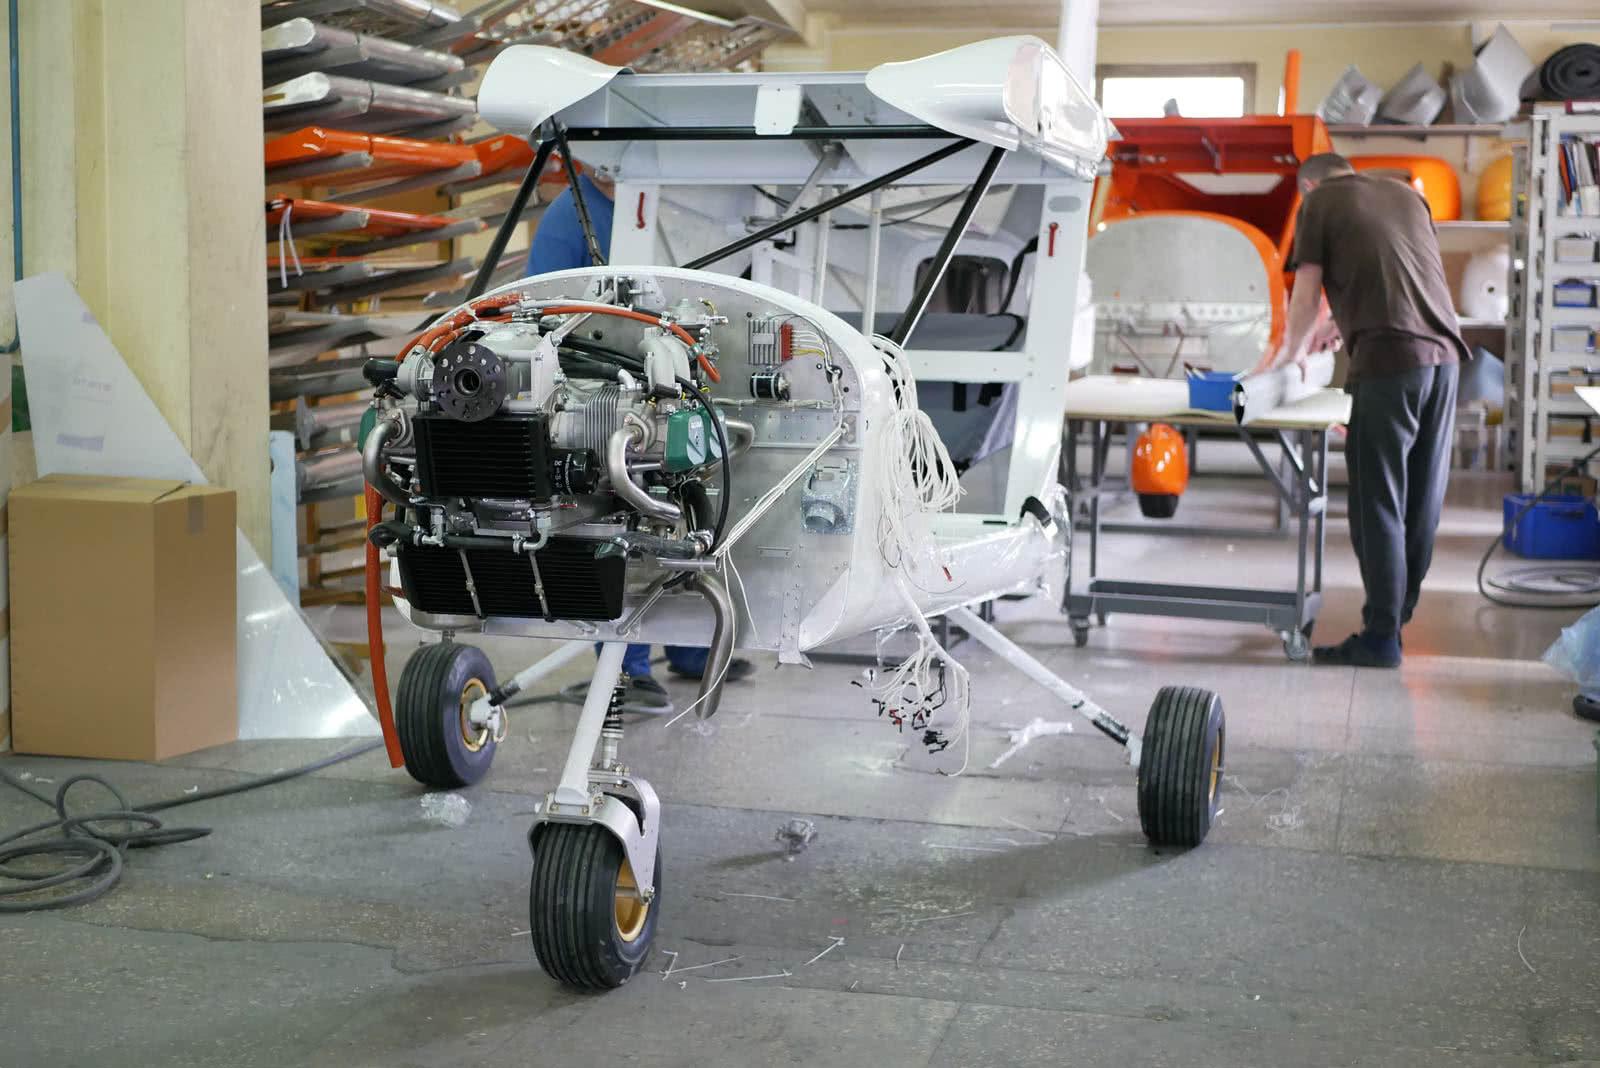 Какие перспективы у самолетостроения в Украине?